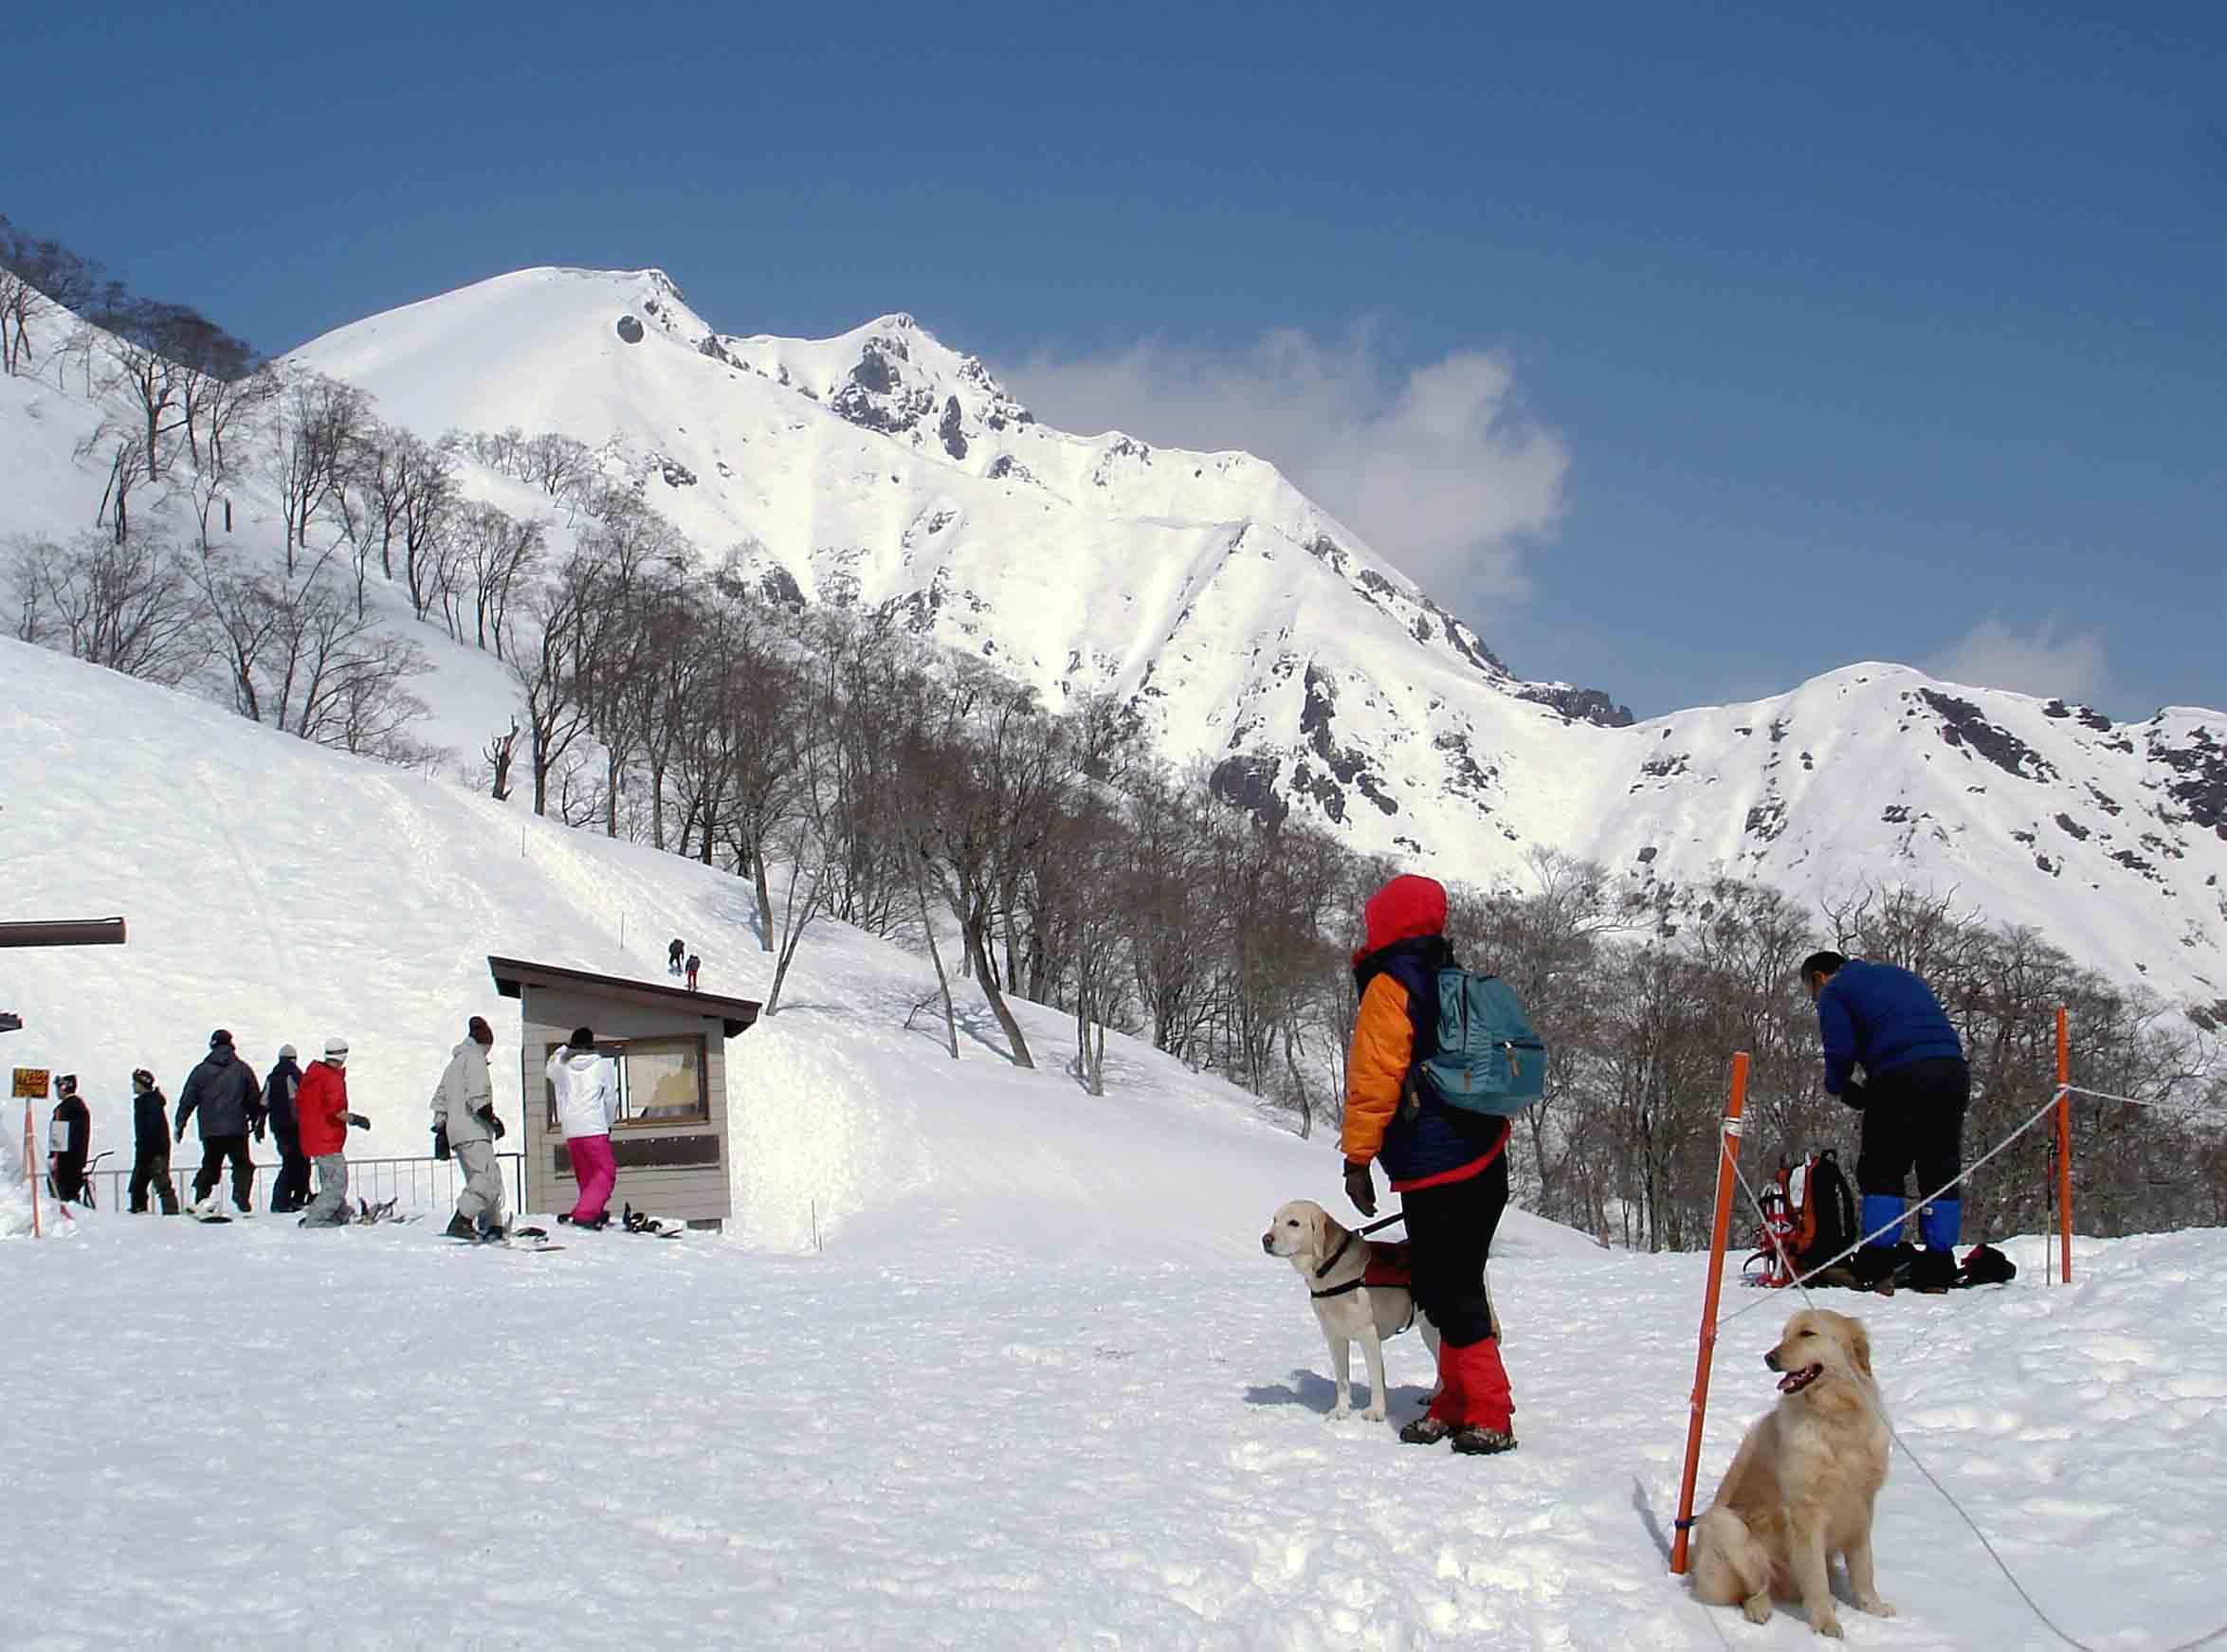 雪中訓練Ⅱ(4) 天神平到着